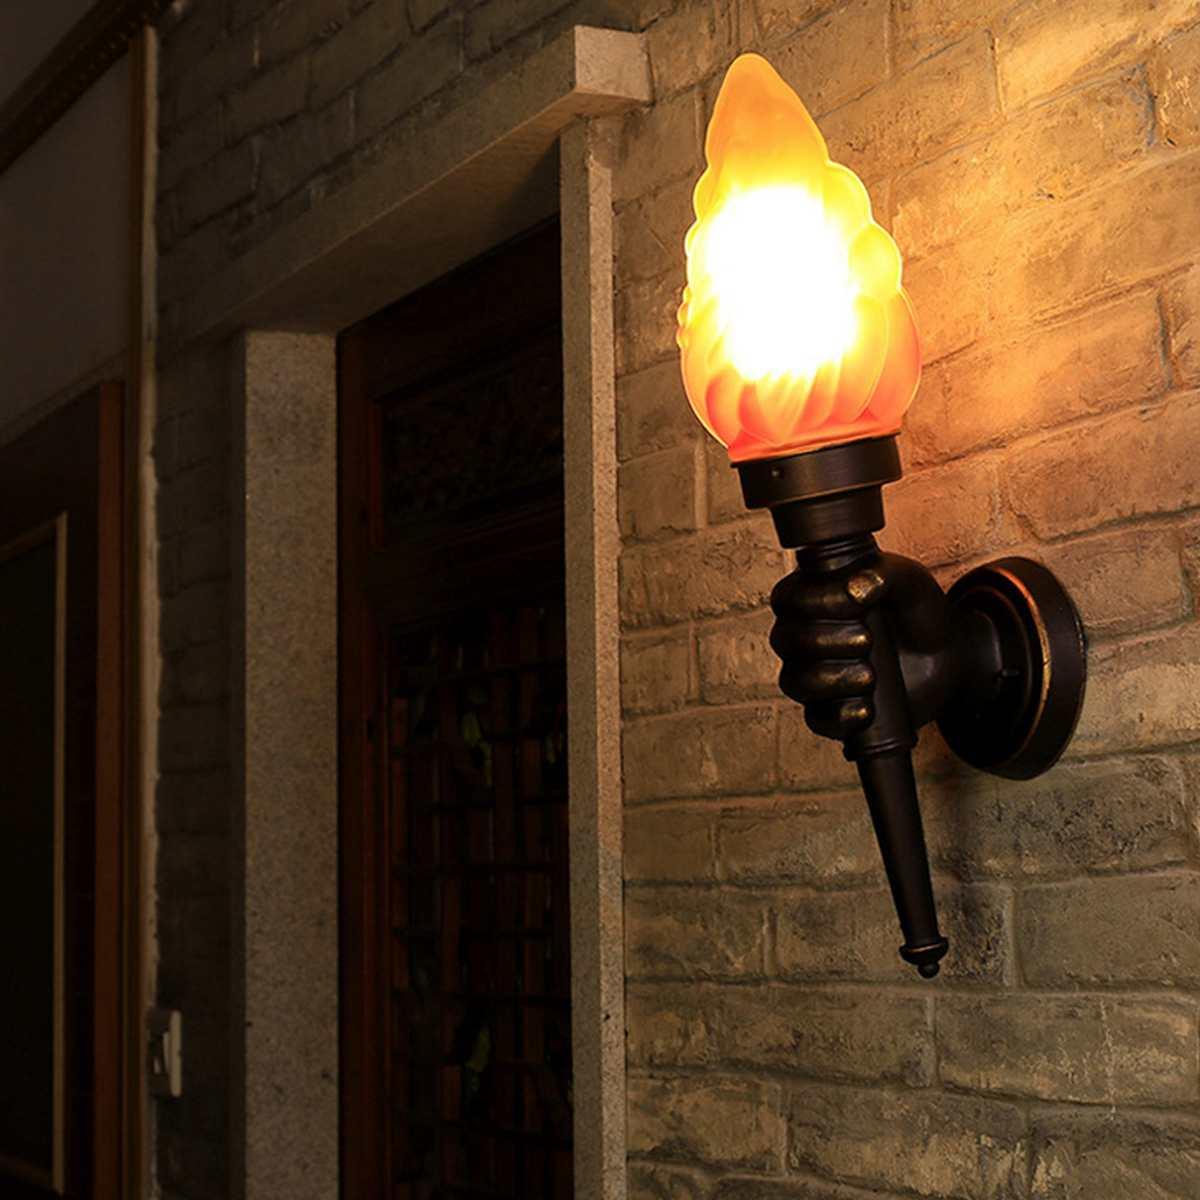 Lampe à main rétro torche Creatives mur LED lumière pour éclairage intérieur extérieur pour balcon chambre Loft E27 luminaire